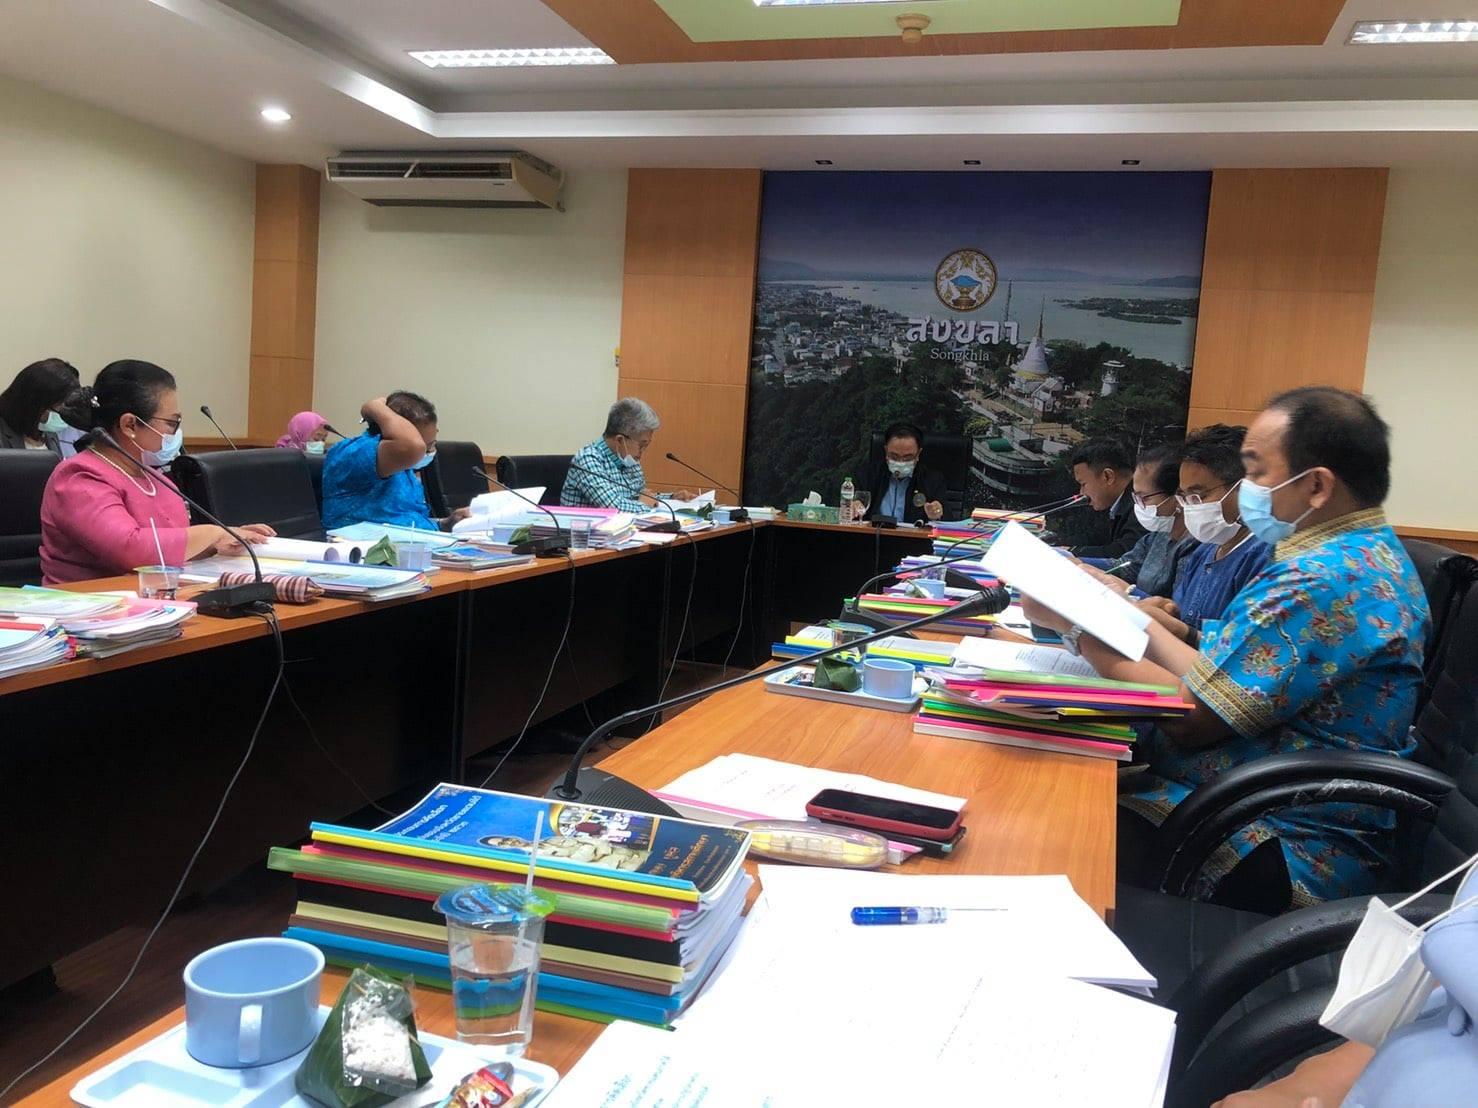 หอการค้าจังหวัดสงขลา ร่วมประชุมคณะกรรมการสรรหาผู้ที่มีผลงานดีเด่นของจังหวัดชายแดนภาคใต้